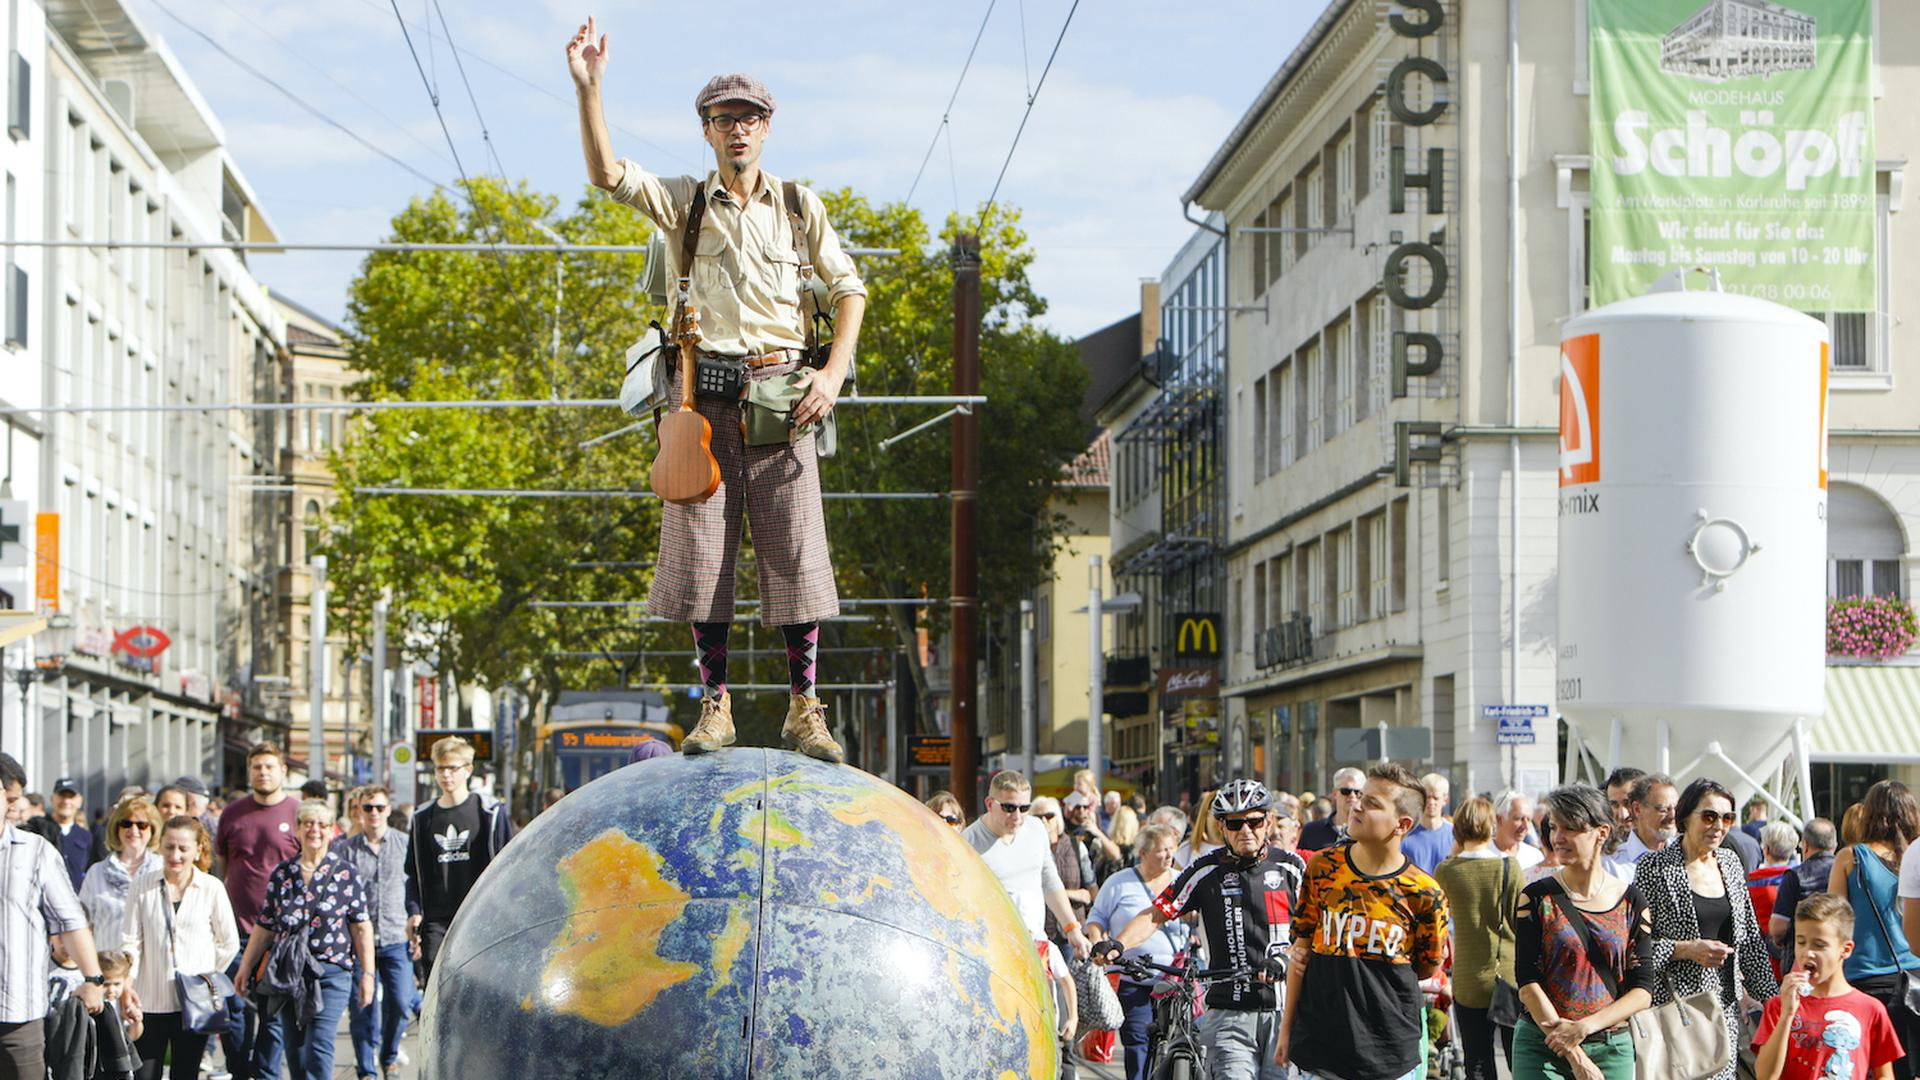 Mann auf Weltkugel ist in der Karlsruher Kaiserstraße unterwegs.